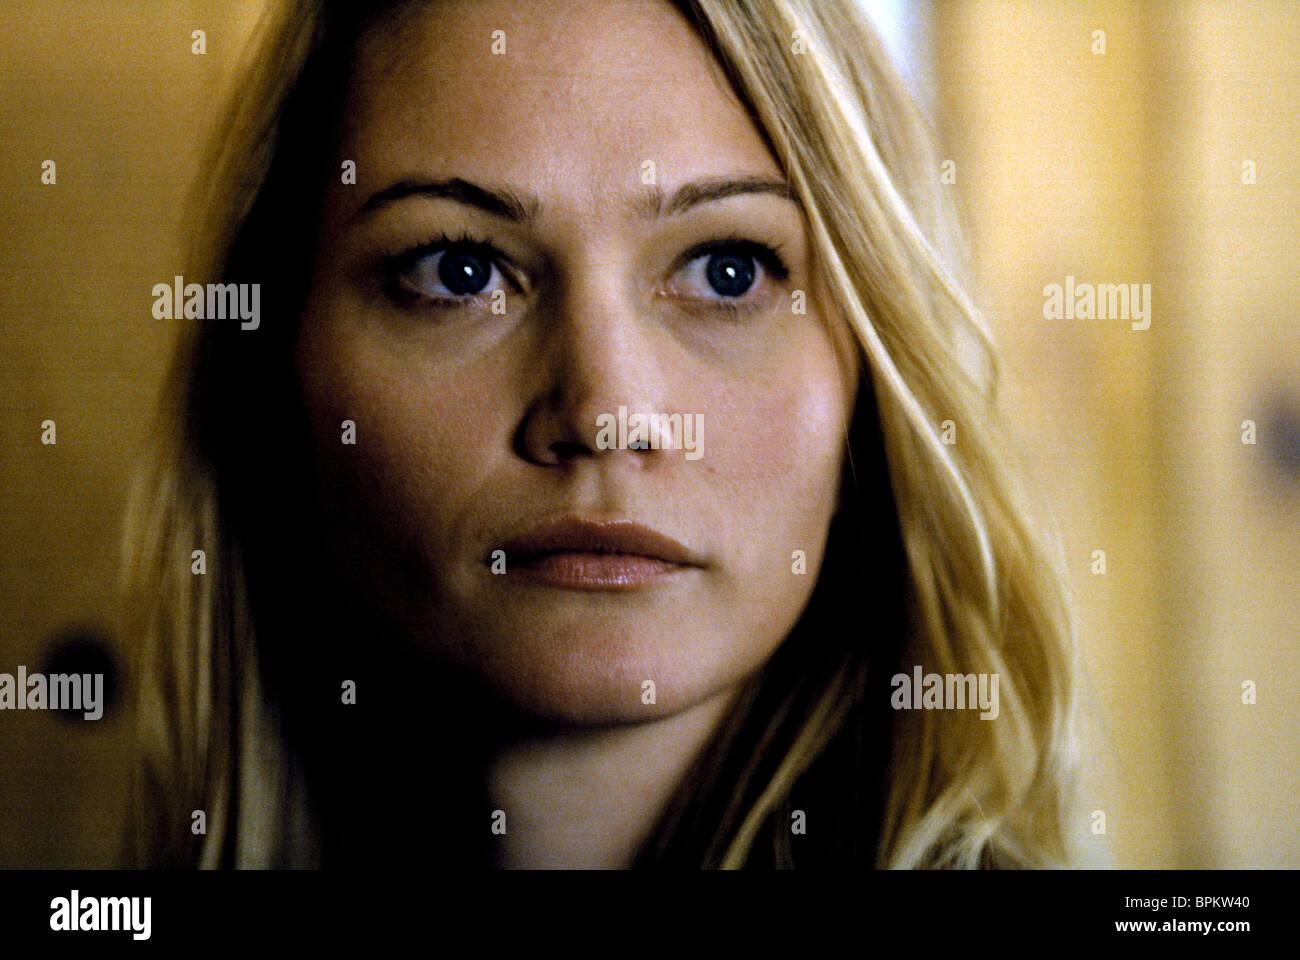 Sarah Wynter Stock Photos & Sarah Wynter Stock Images - Alamy